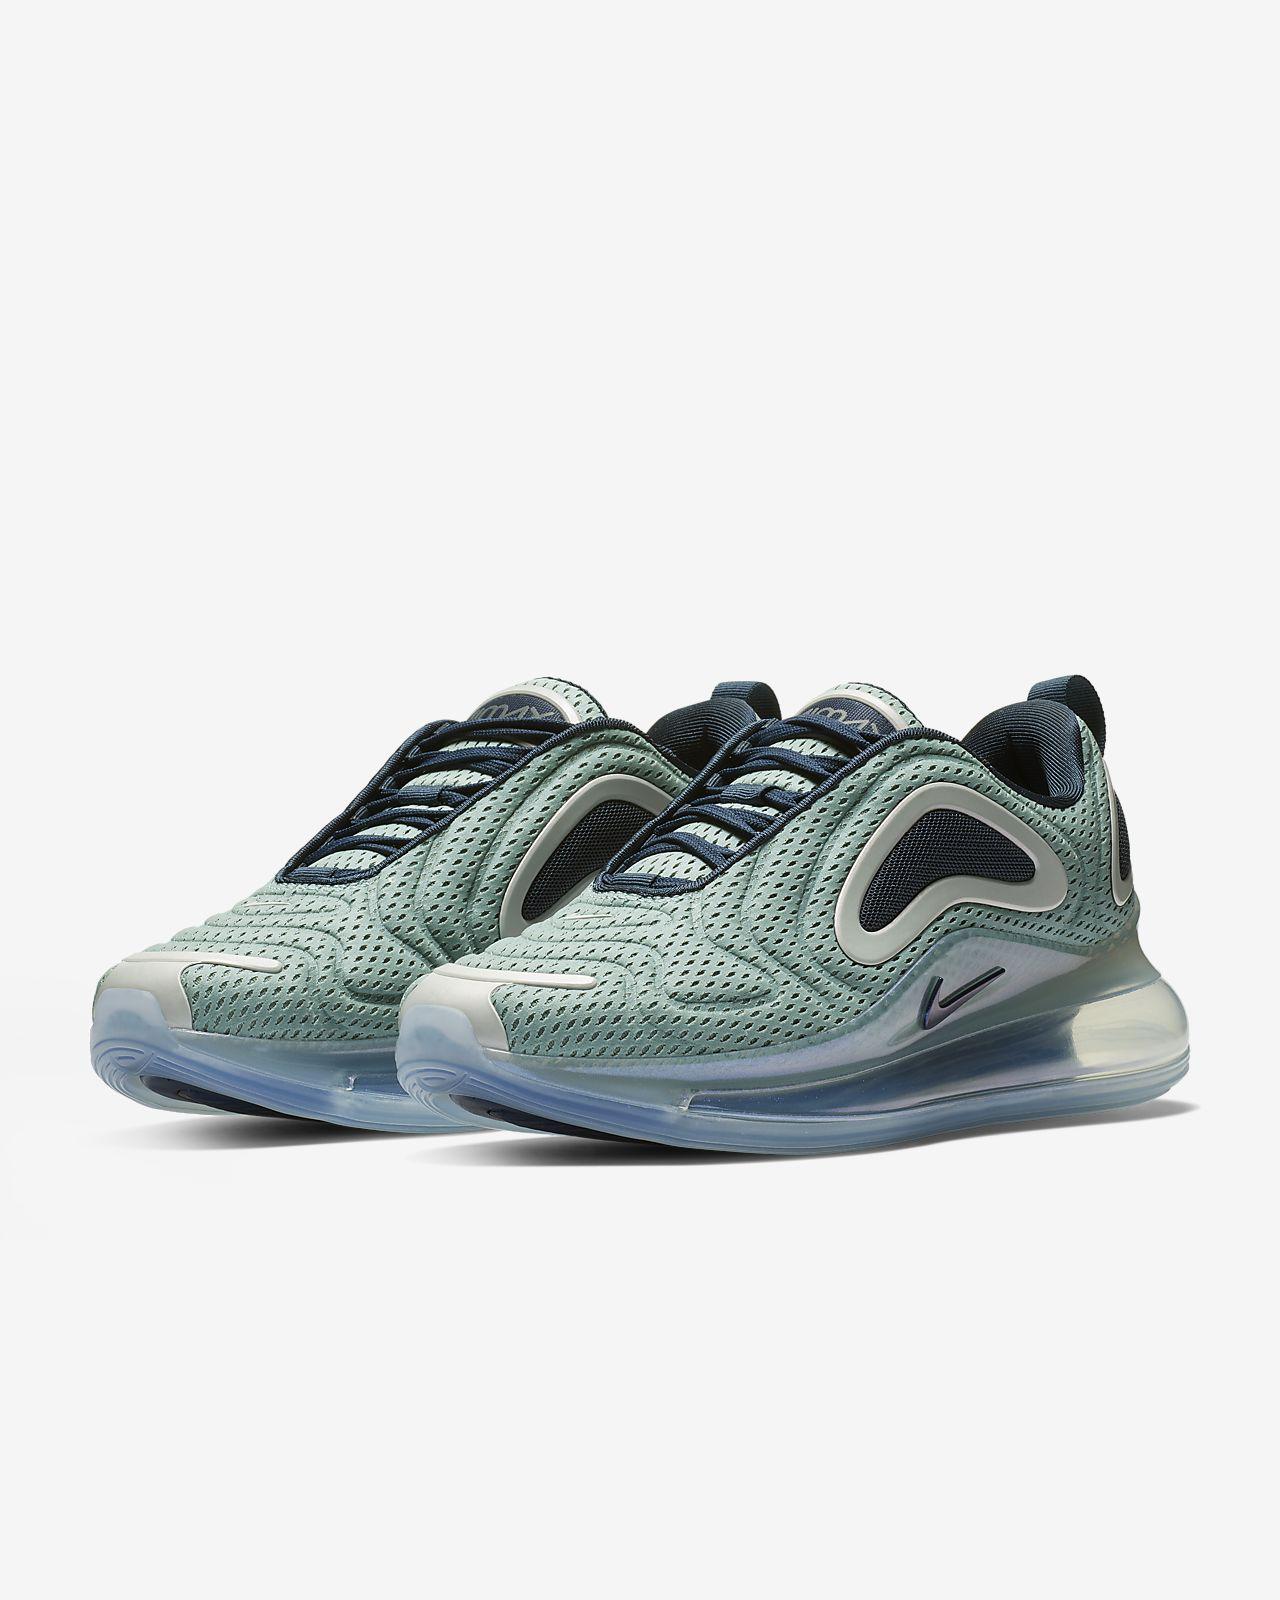 meet 47a41 1bf9b ... Nike Air Max 720 Women s Shoe